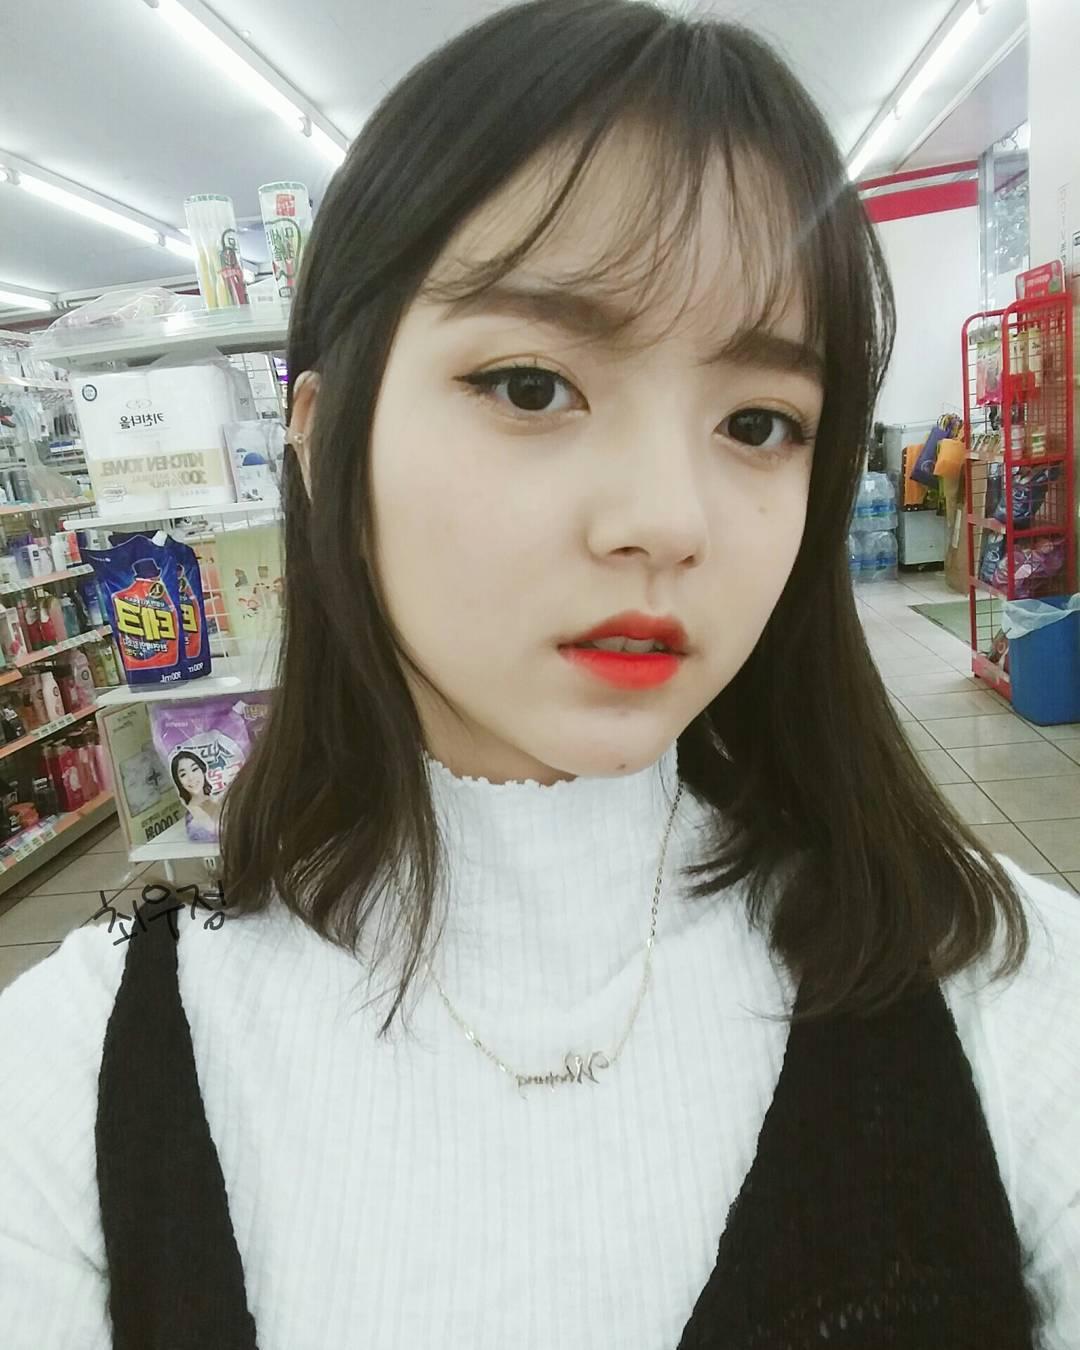 0 去购买 推荐理由: 超自然的韩国空气刘海假发,奶奶灰的颜色款式,很